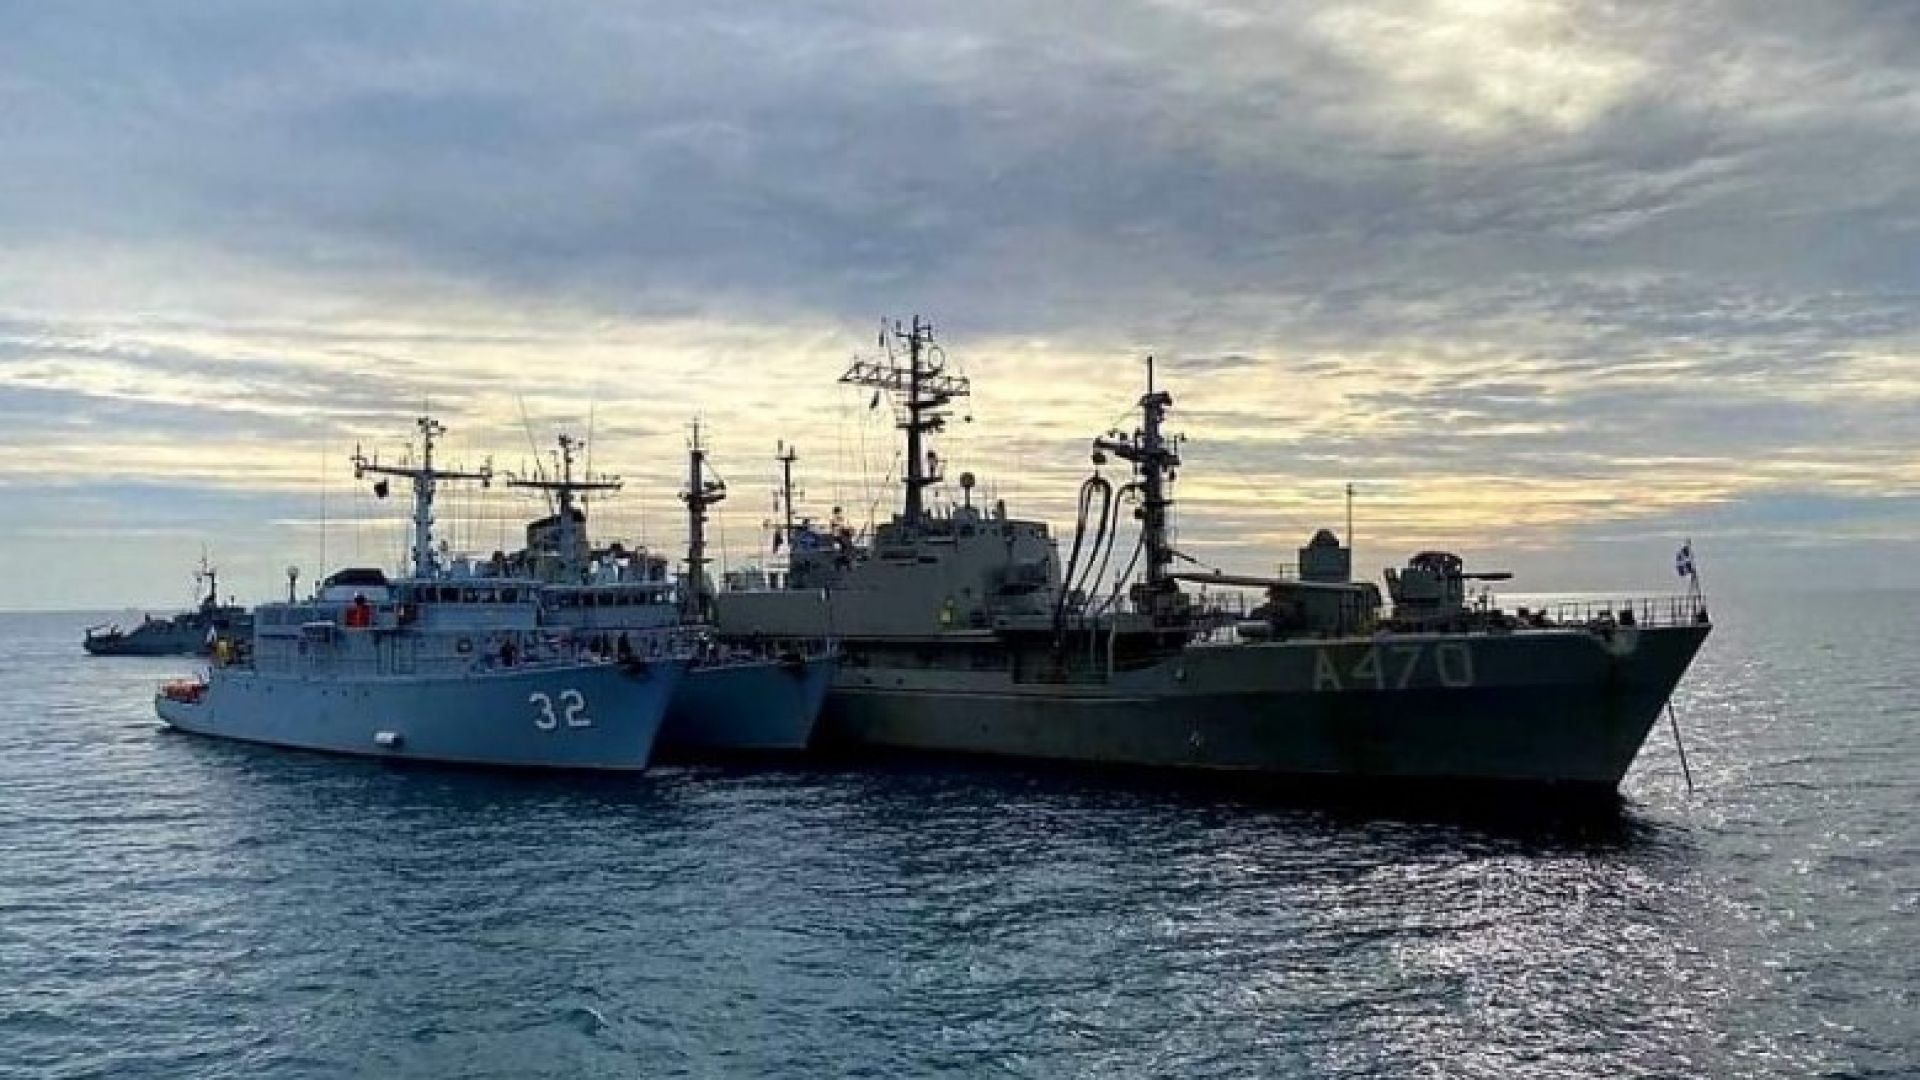 """Откриха 5 морски мини от ПСВ по време на учението """"Посейдон"""" (снимки)"""